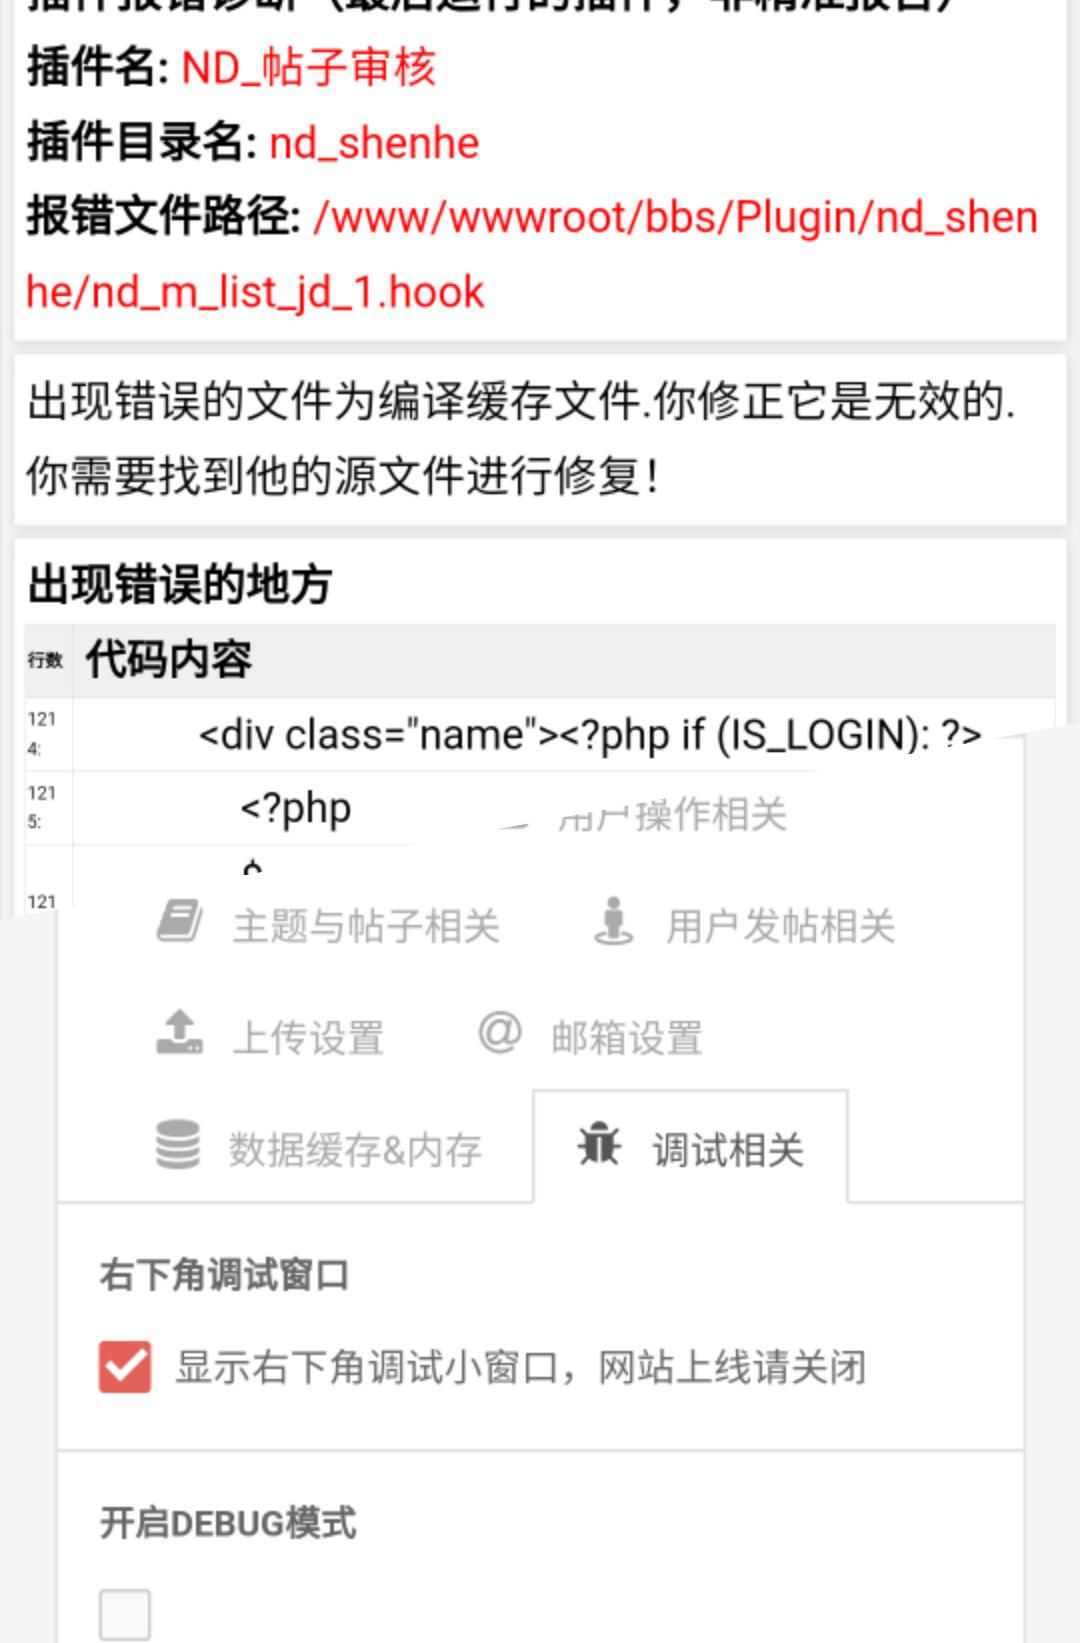 【大鹏首发】价值150元 HYBBS模板大牛窝社区ND_mobile手机模板v2.7.2 免授权-大鹏资源网